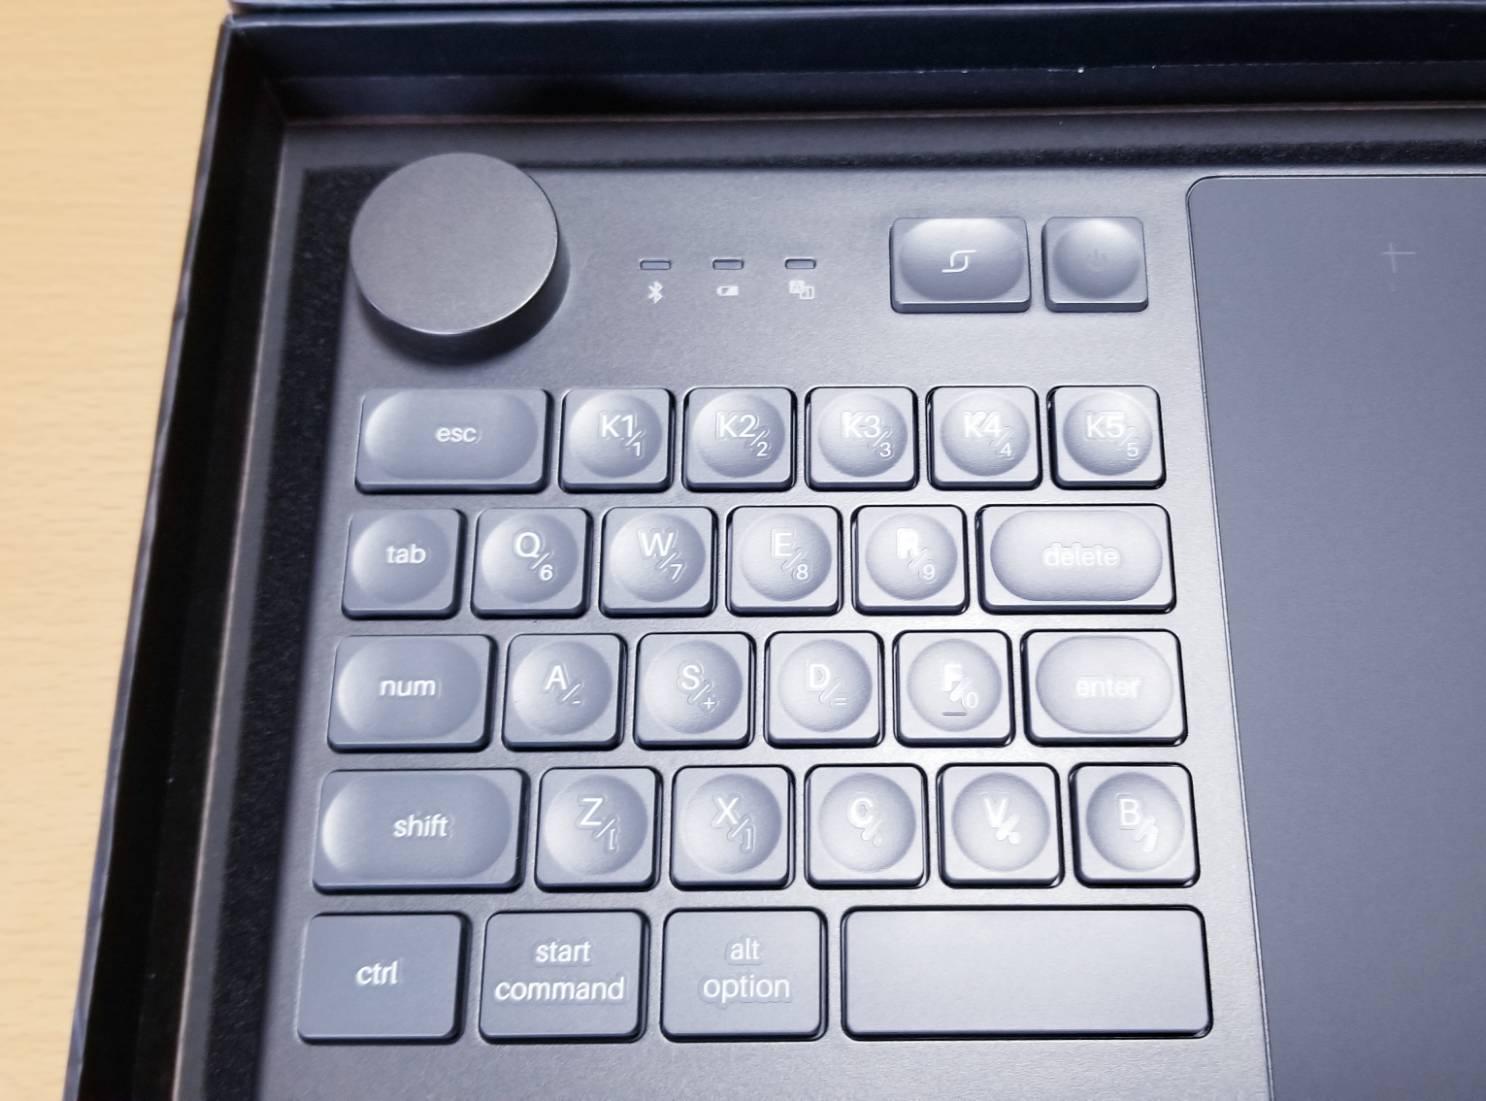 HUION KD200本体キーボード部分